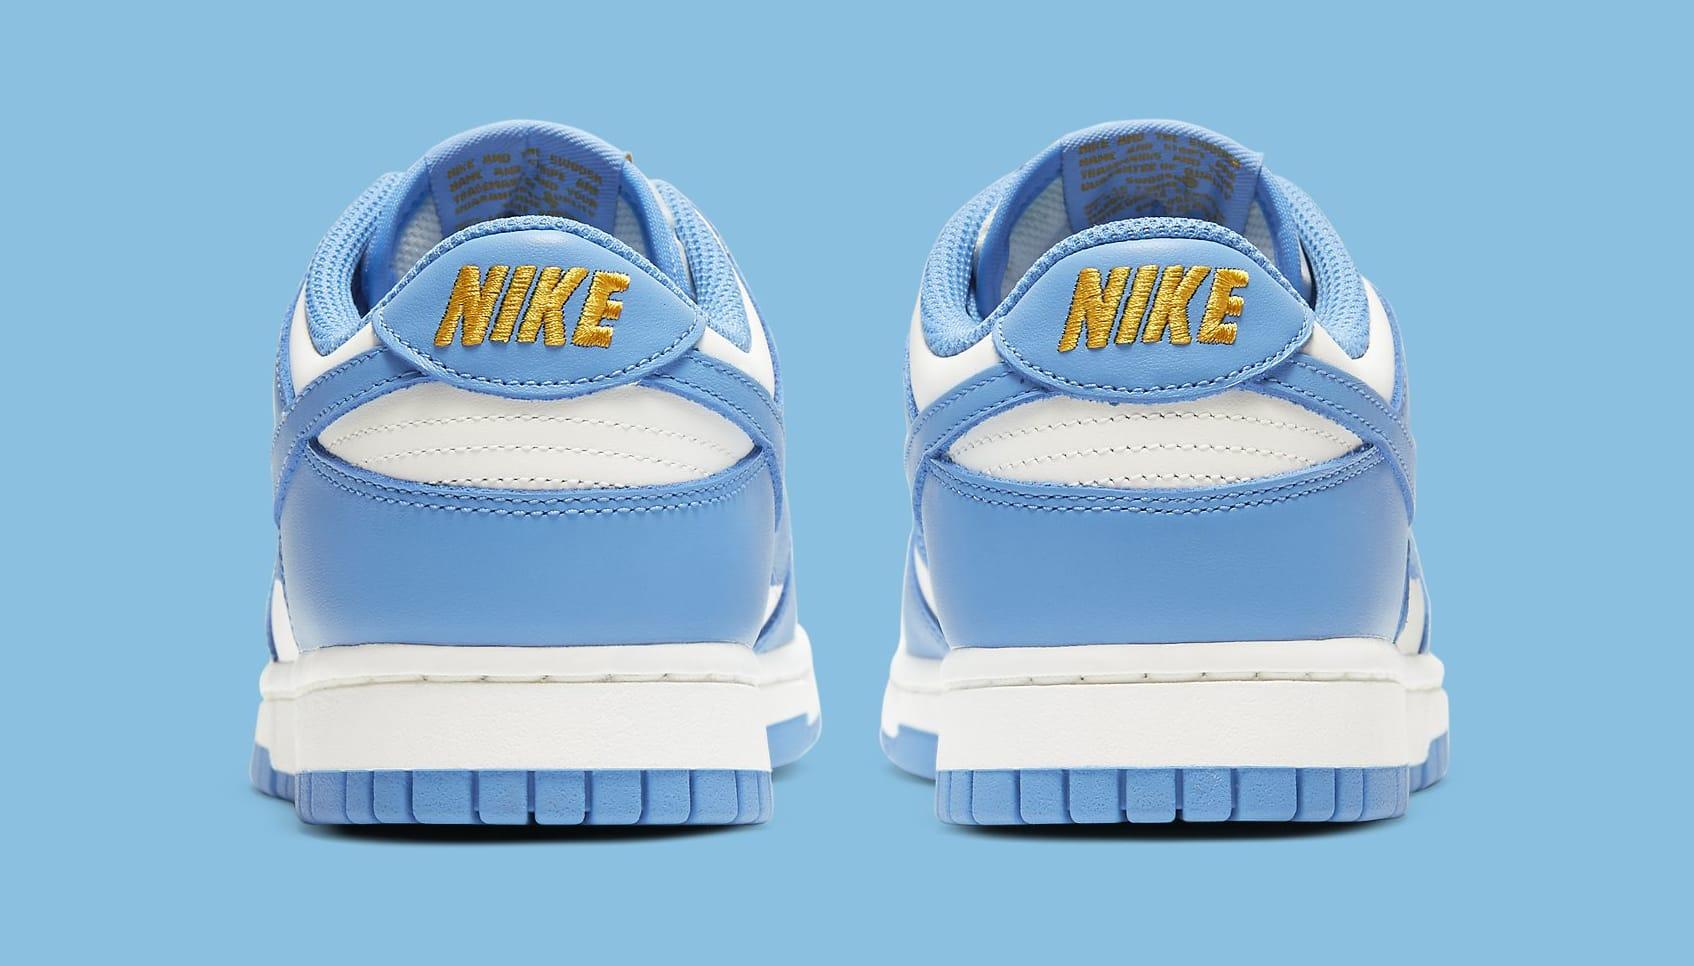 Nike Dunk Low Women's 'Coast' DD1503-100 Heel